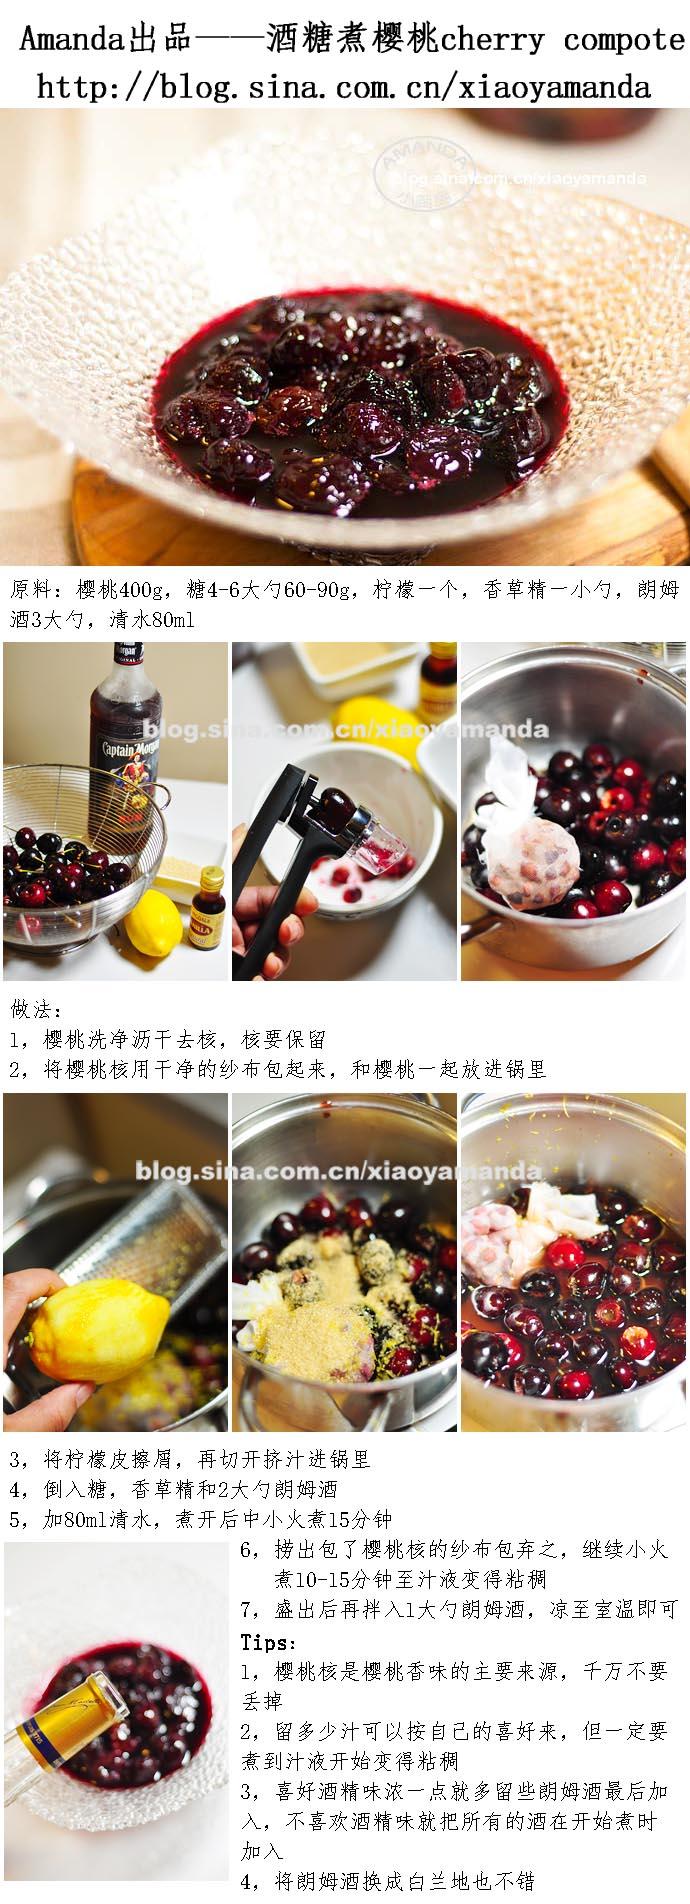 樱桃季的幸福——酒糖煮樱桃cherry<wbr>compote